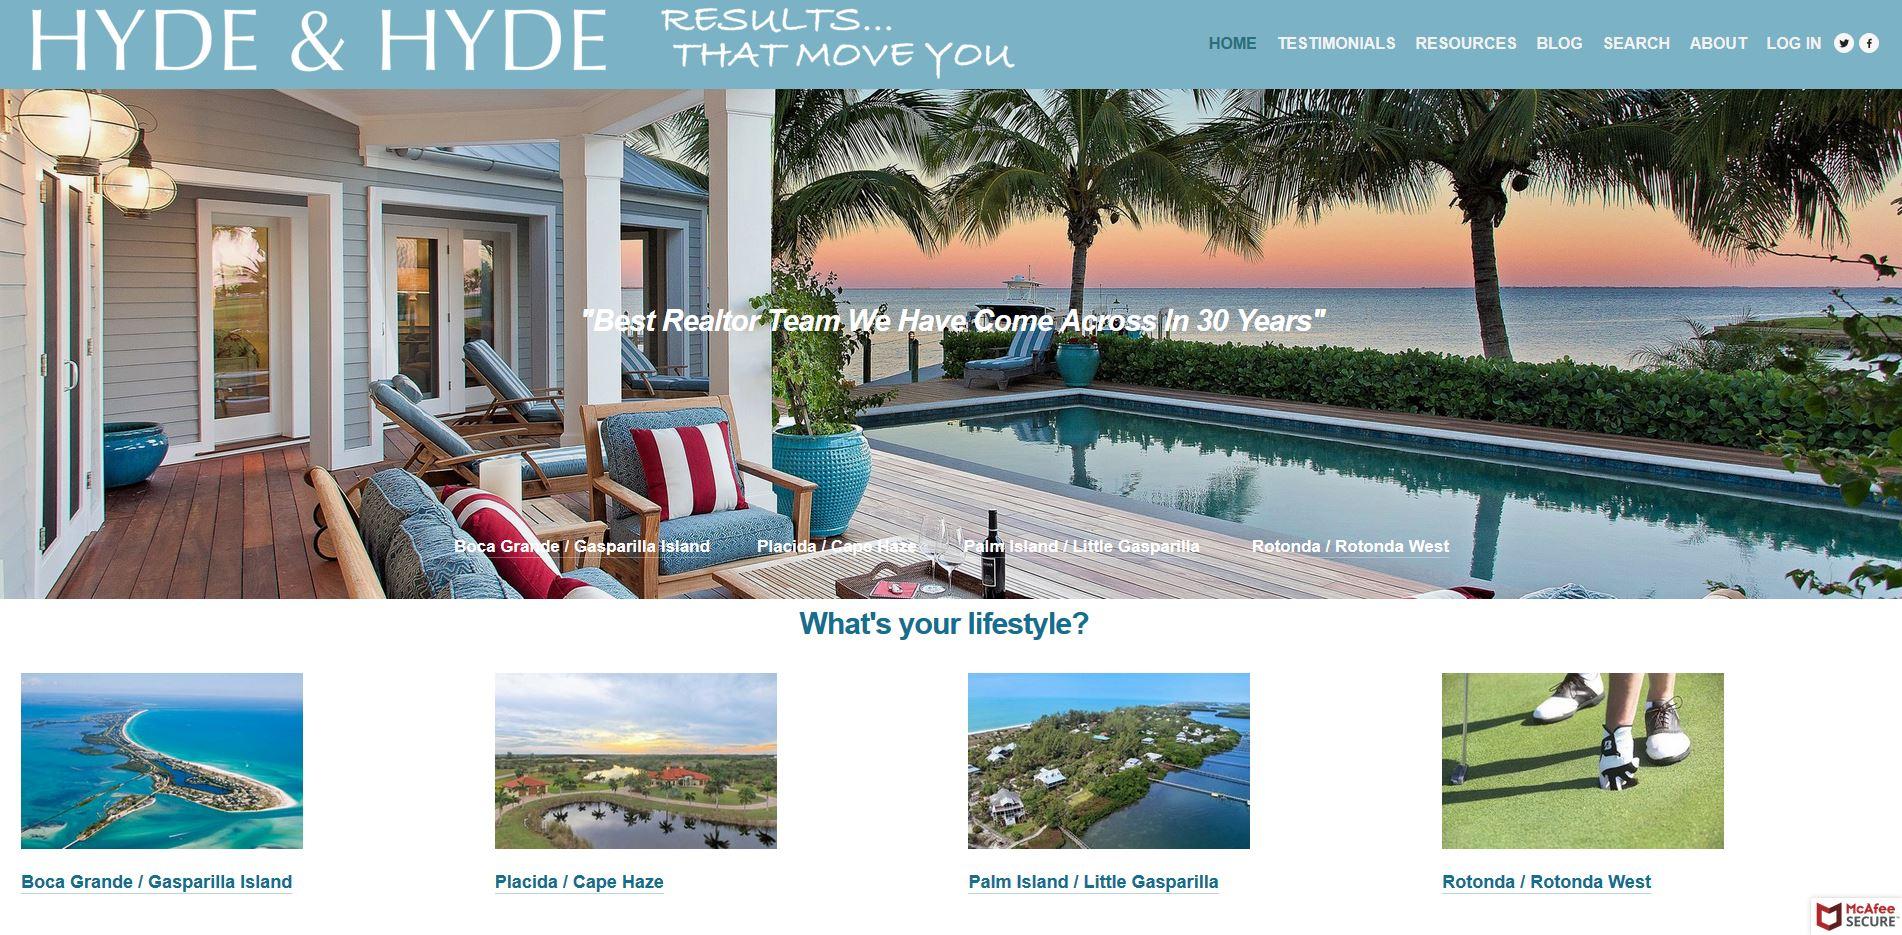 Boca Grande Listings Website Home Page.JPG